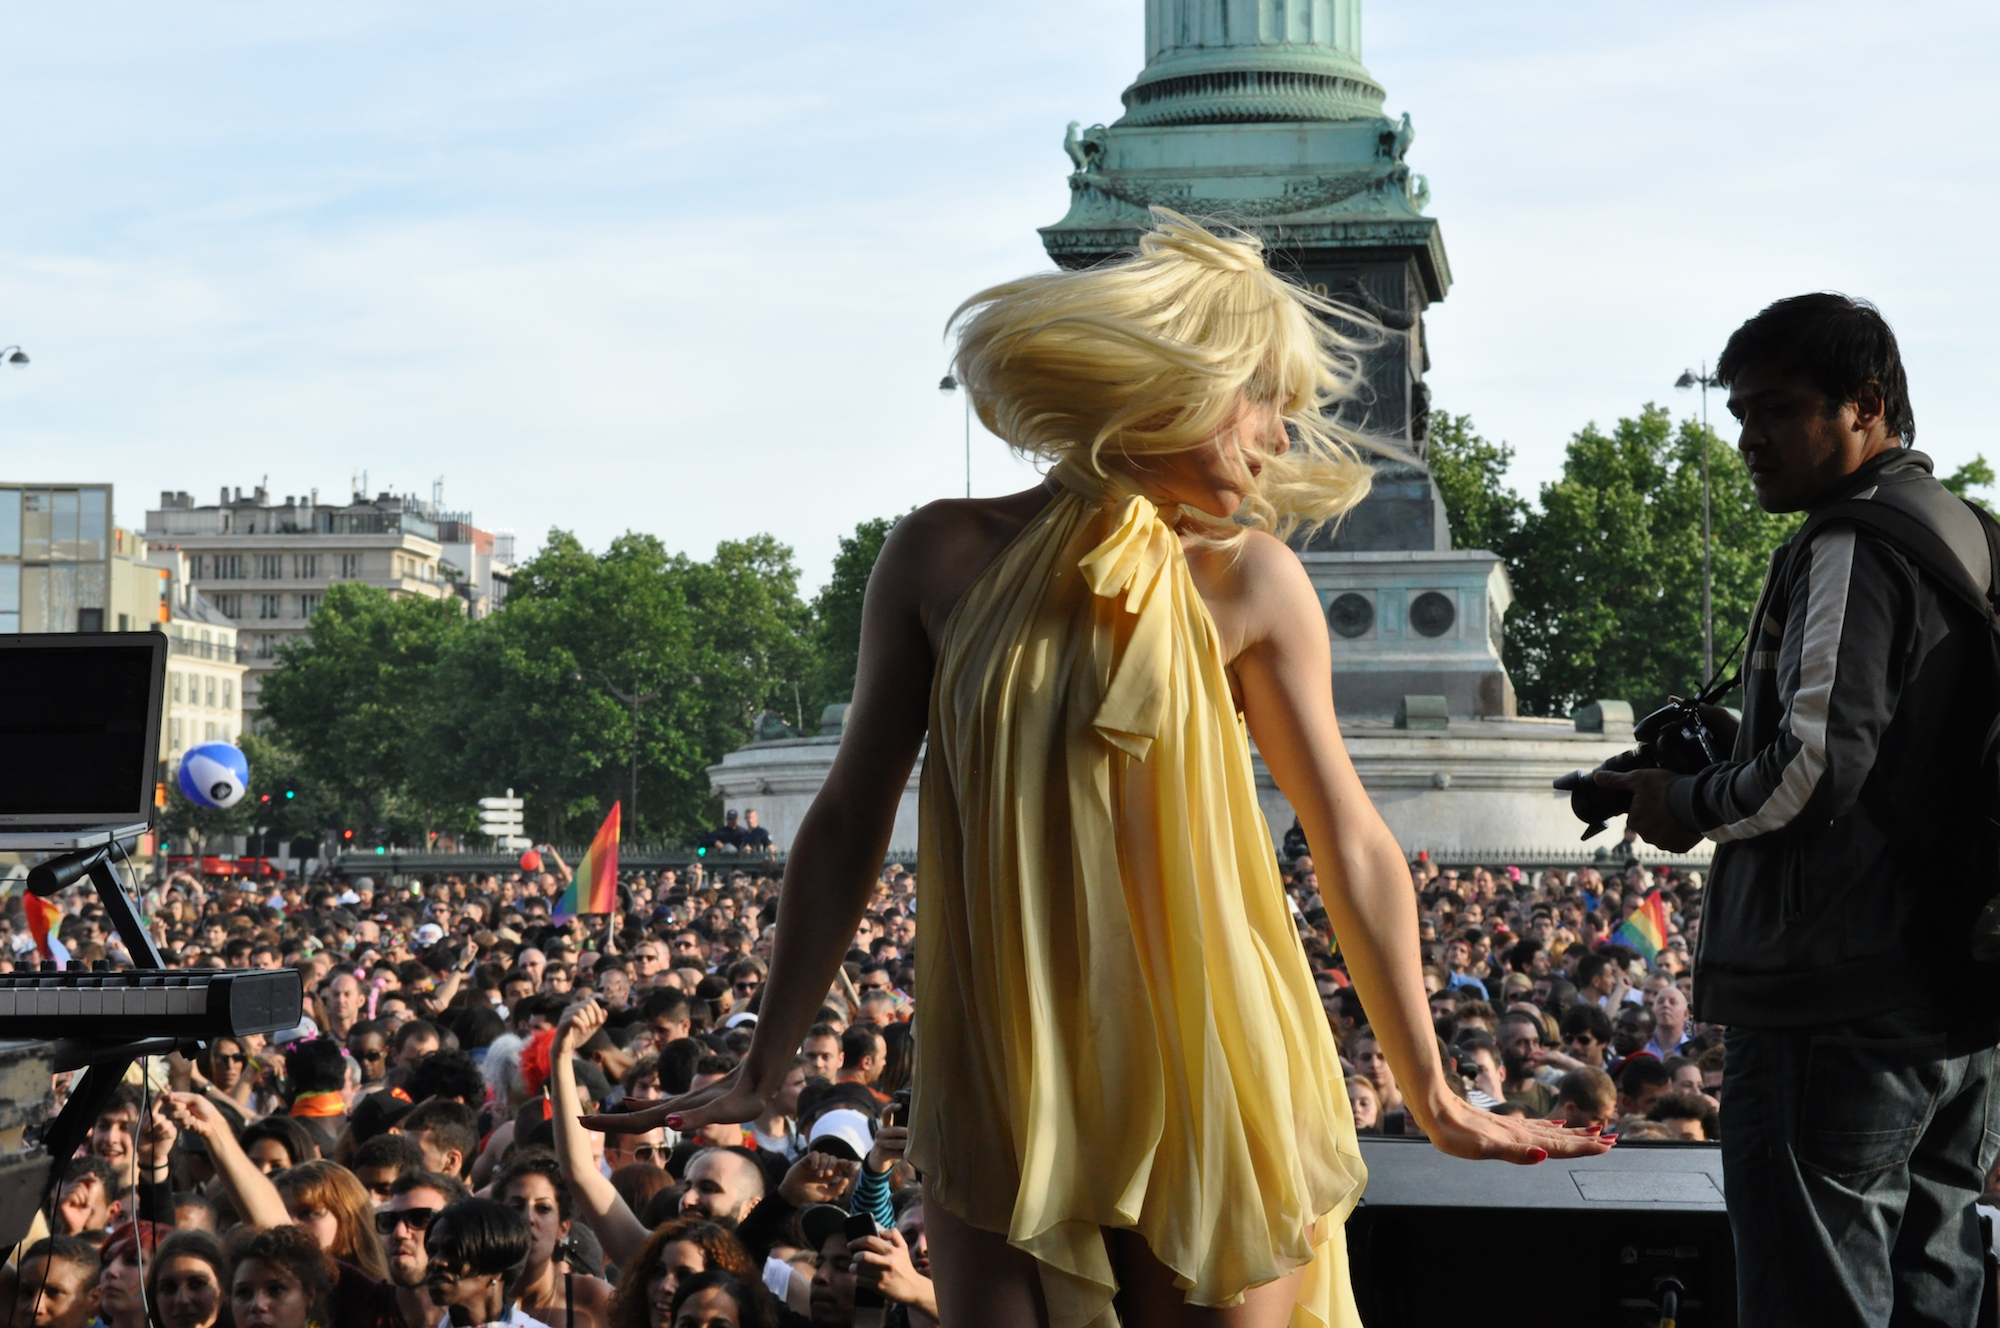 Marche des fiertés LGBT Paris 2013